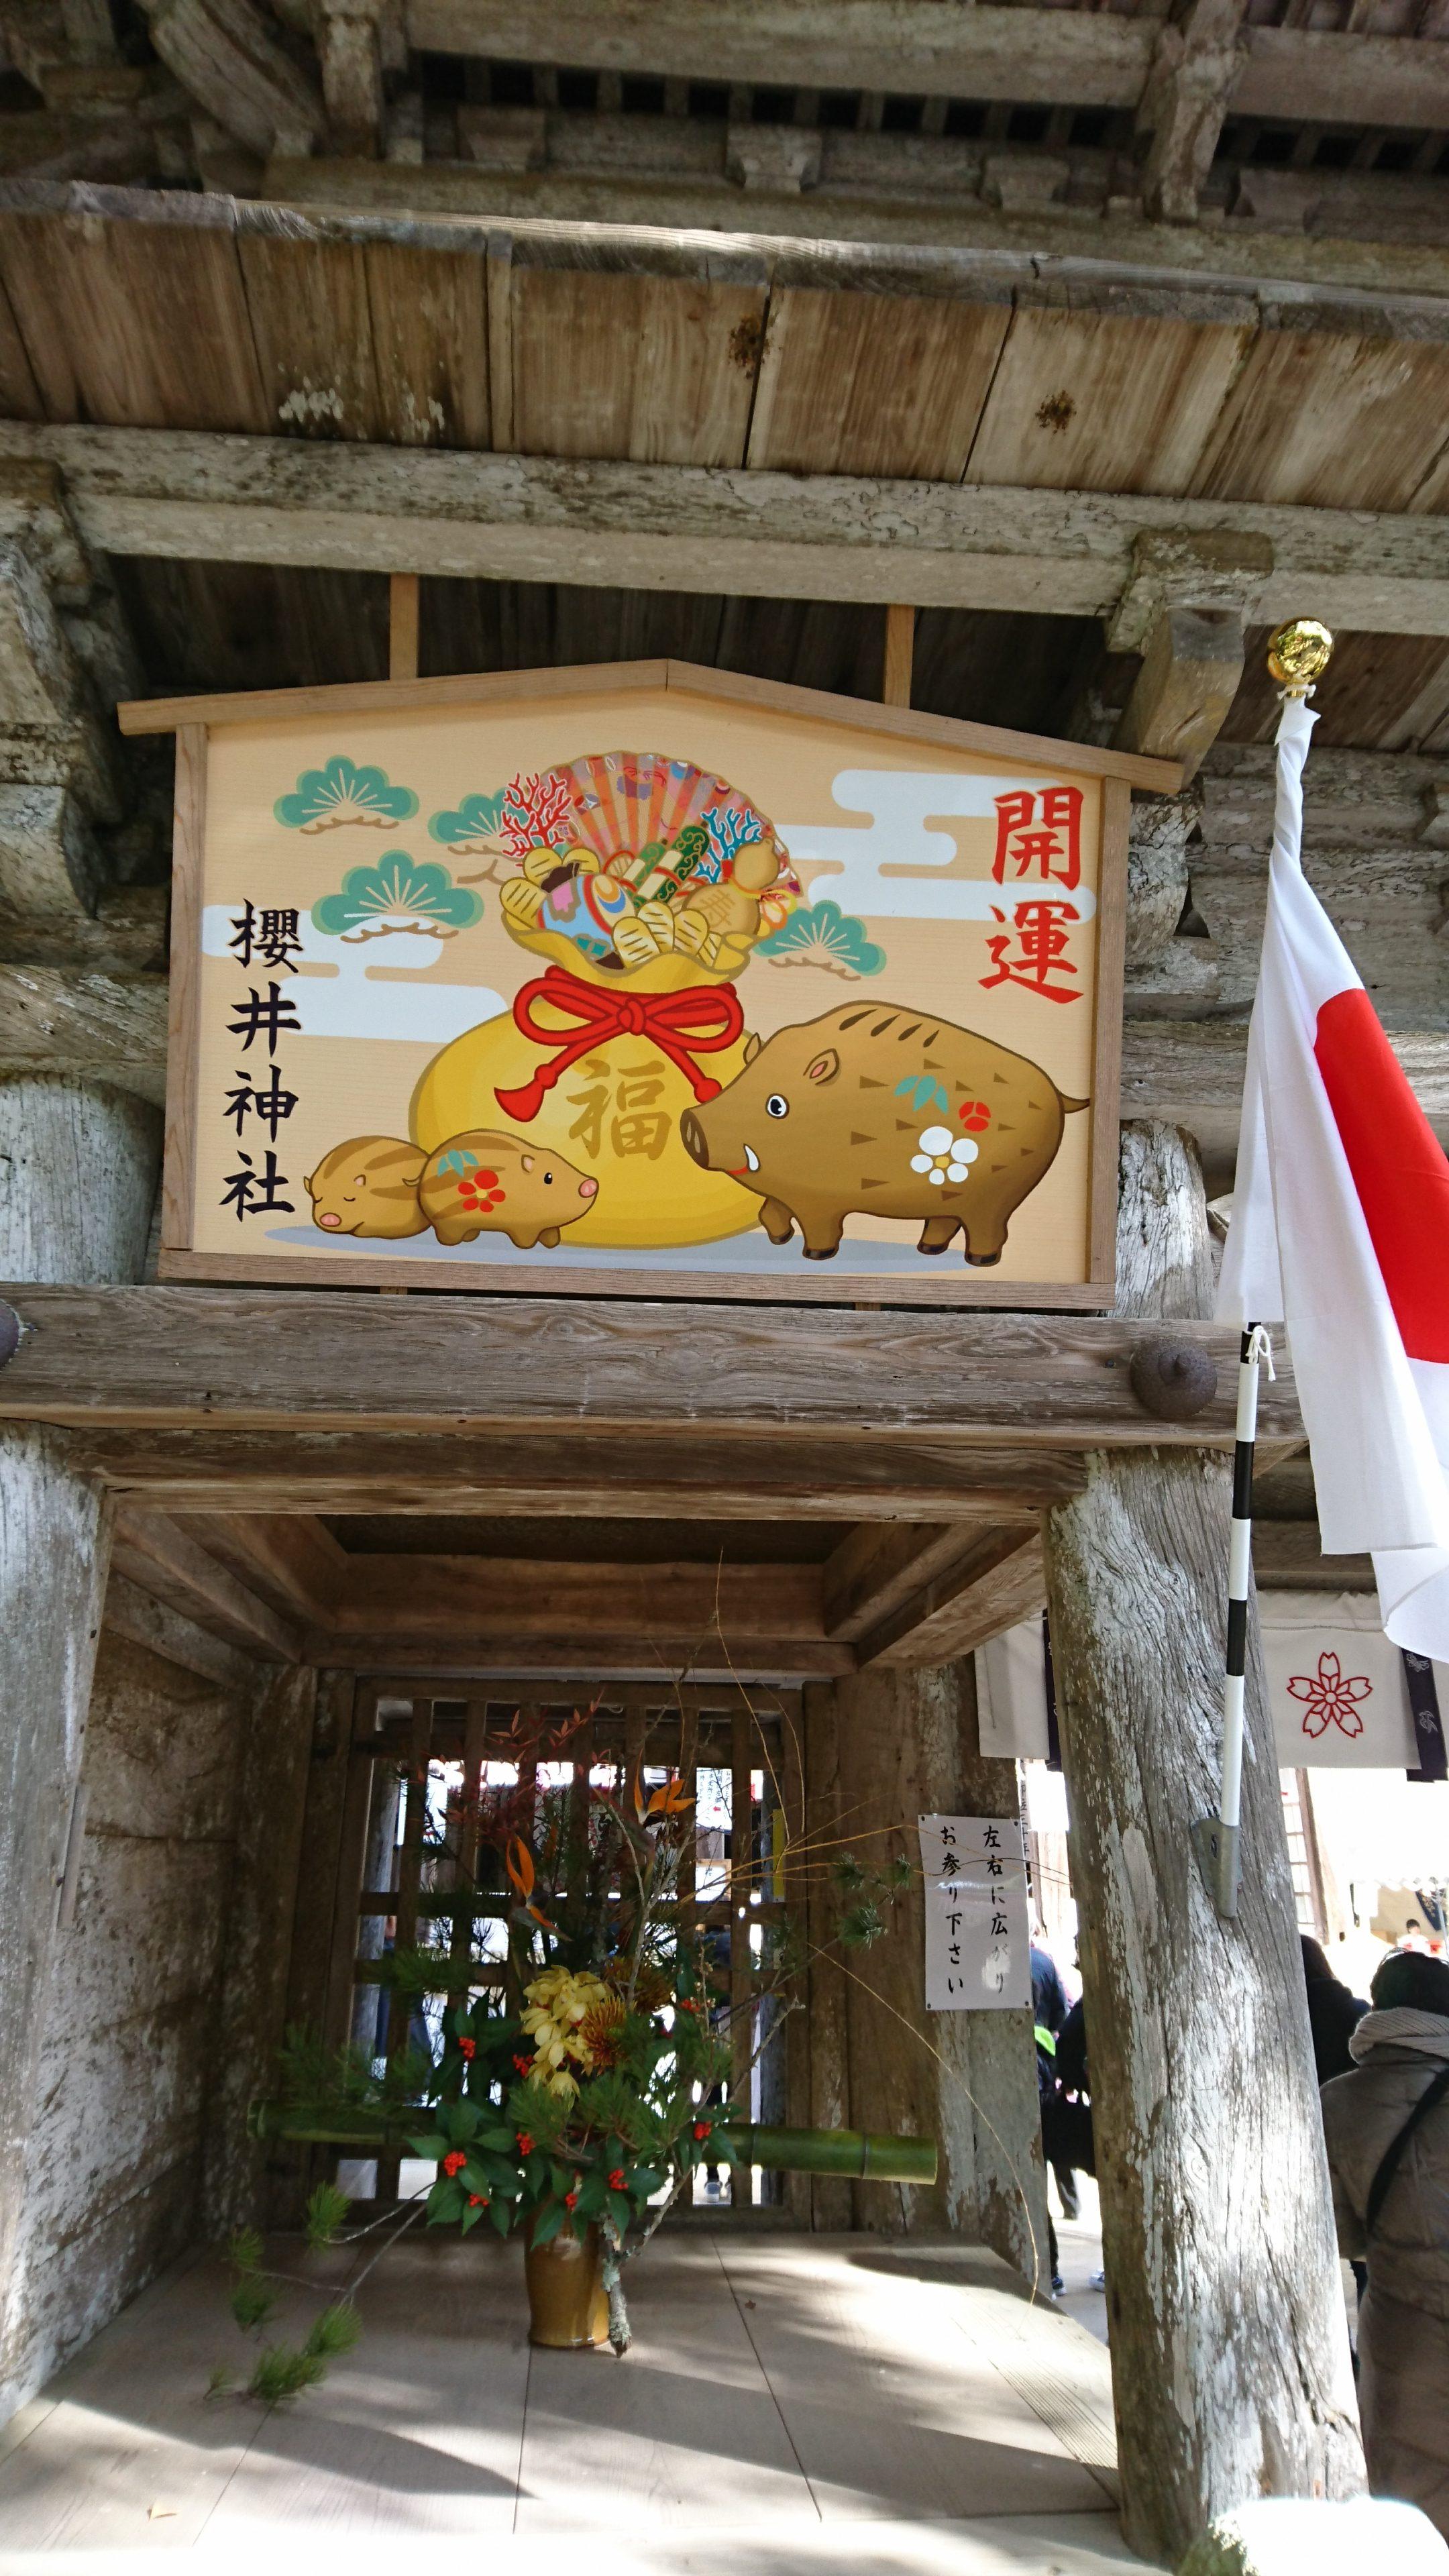 これからの季節にバッチリ合うサークルレンズ🌸福岡天神大名でコンタクトなら『TENJIN 中央コンタクト』